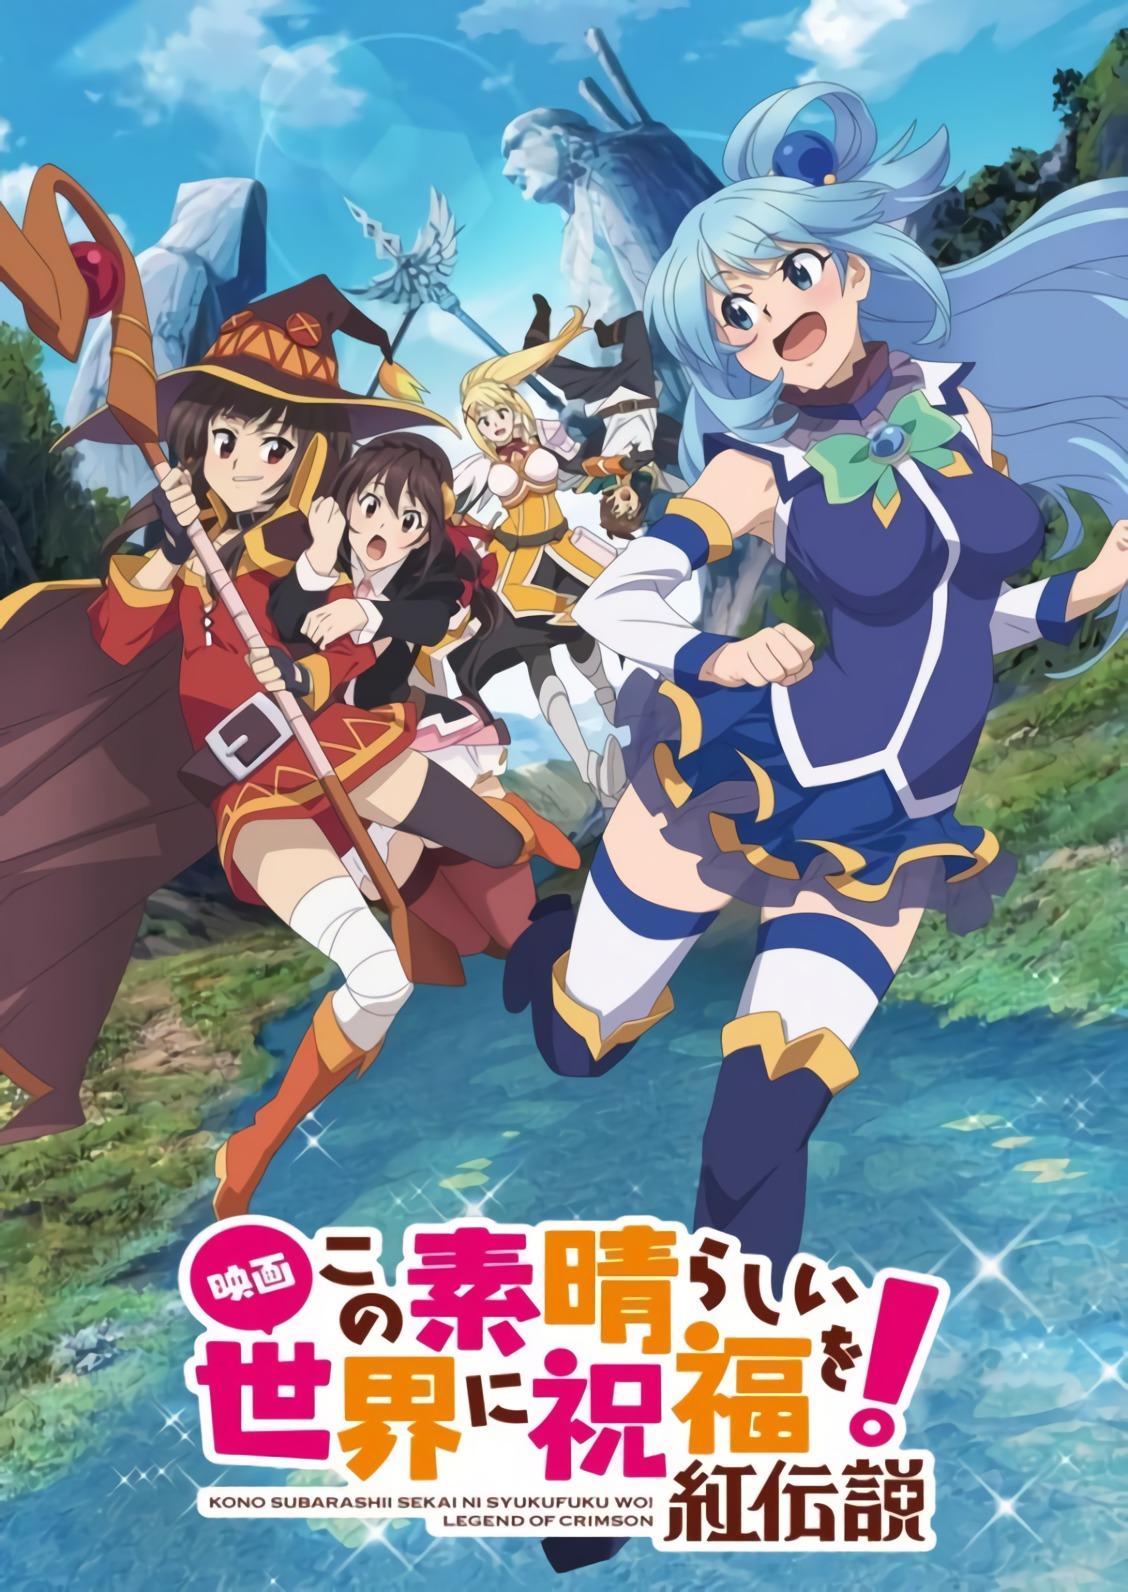 Kono Subarashii Sekai ni Shukufuku wo! S1 BD + OVA Subtitle Indonesia [x265]